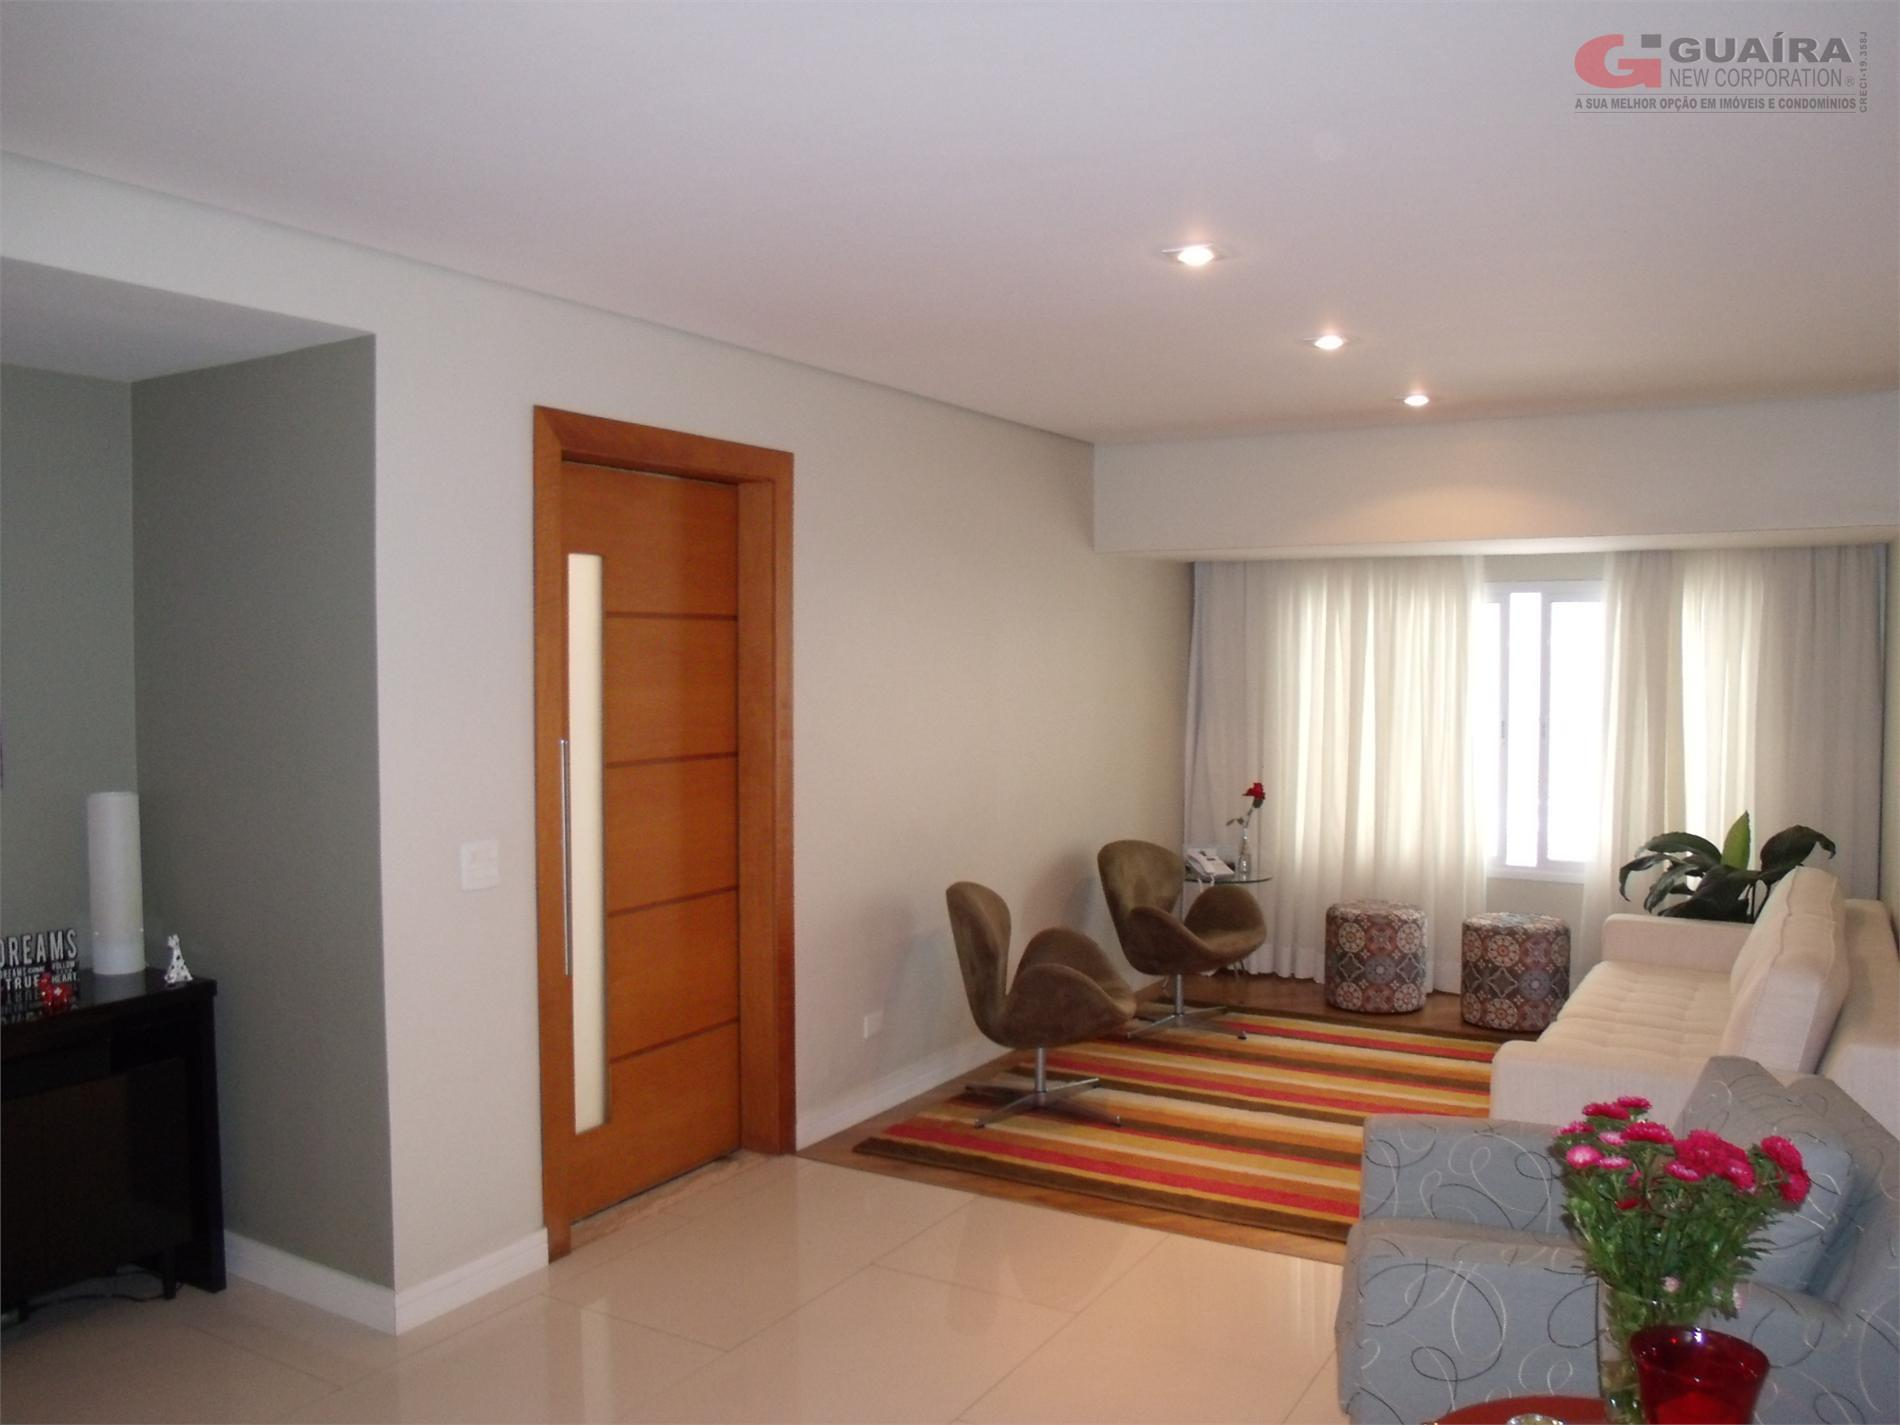 Sobrado de 5 dormitórios à venda em Rudge Ramos, São Bernardo Do Campo - SP